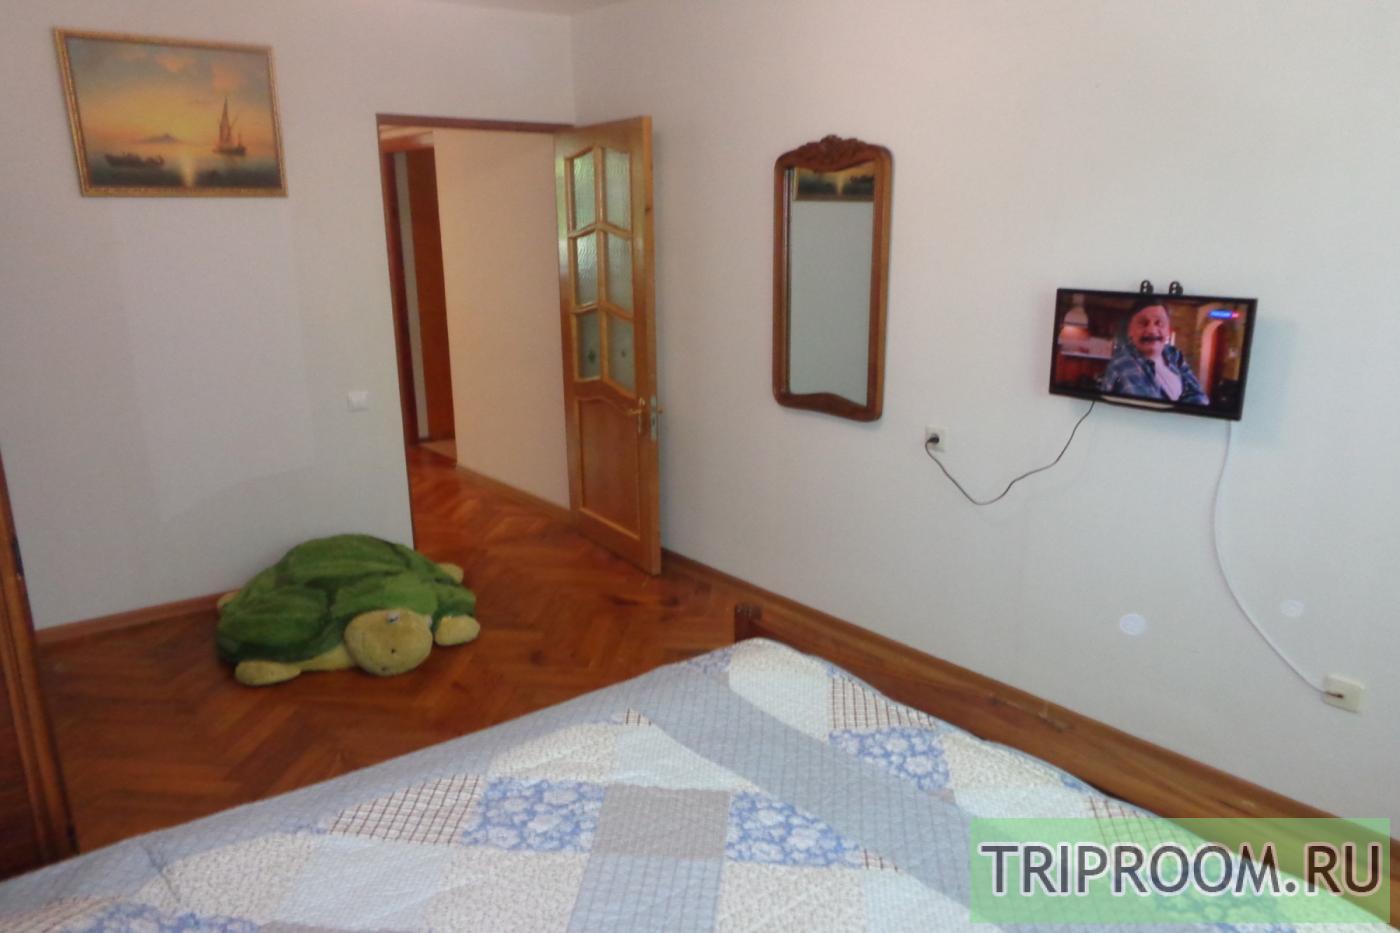 2-комнатная квартира посуточно (вариант № 6980), ул. Воровского улица, фото № 12